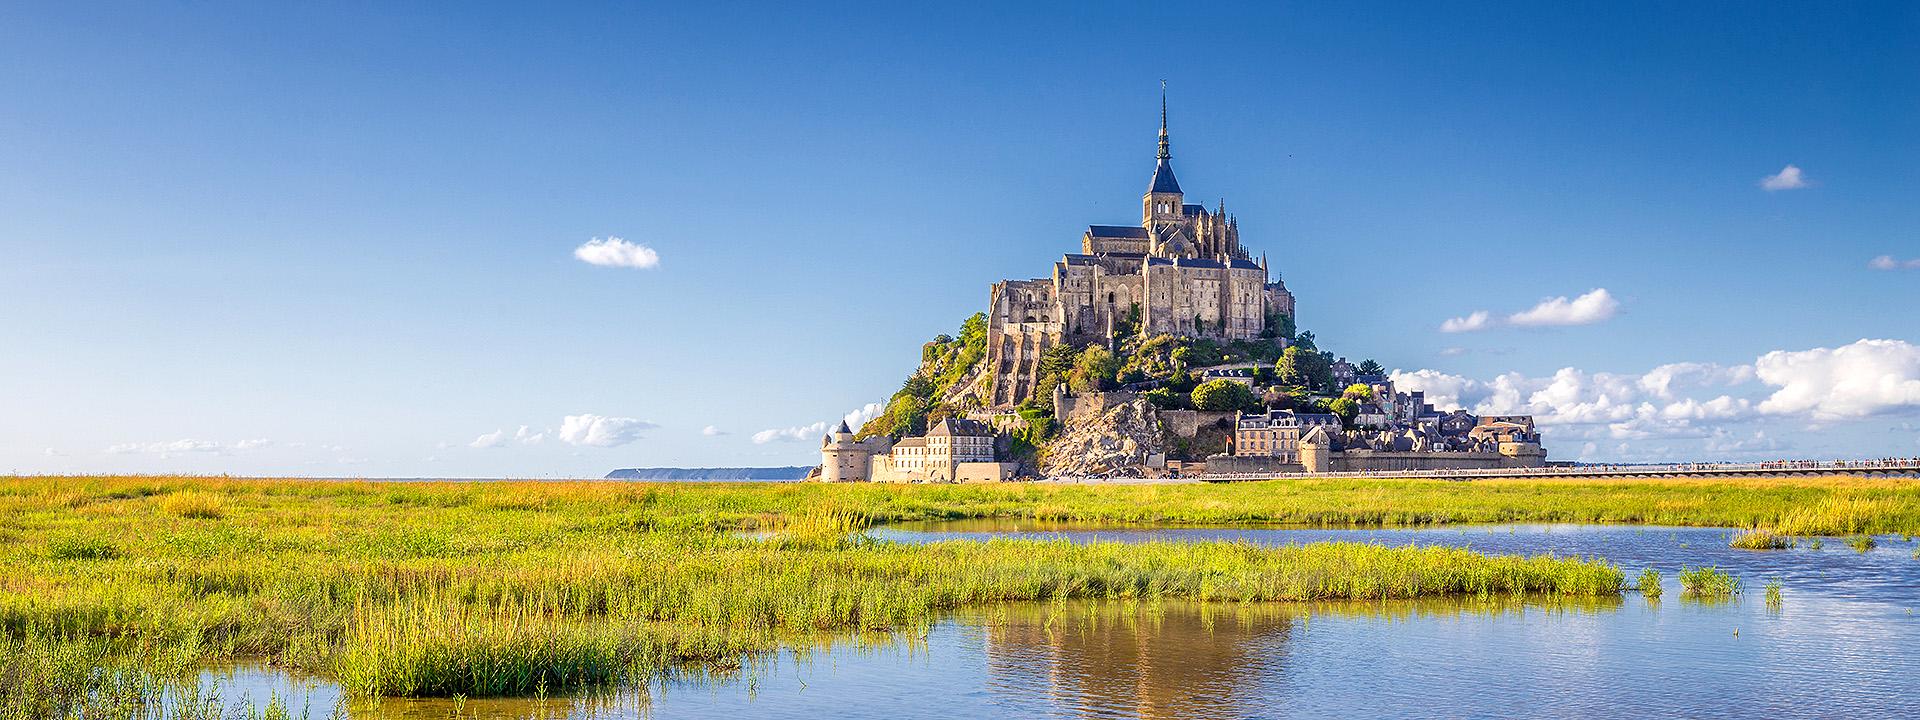 Le Mont Saint-Michel, Frankreich